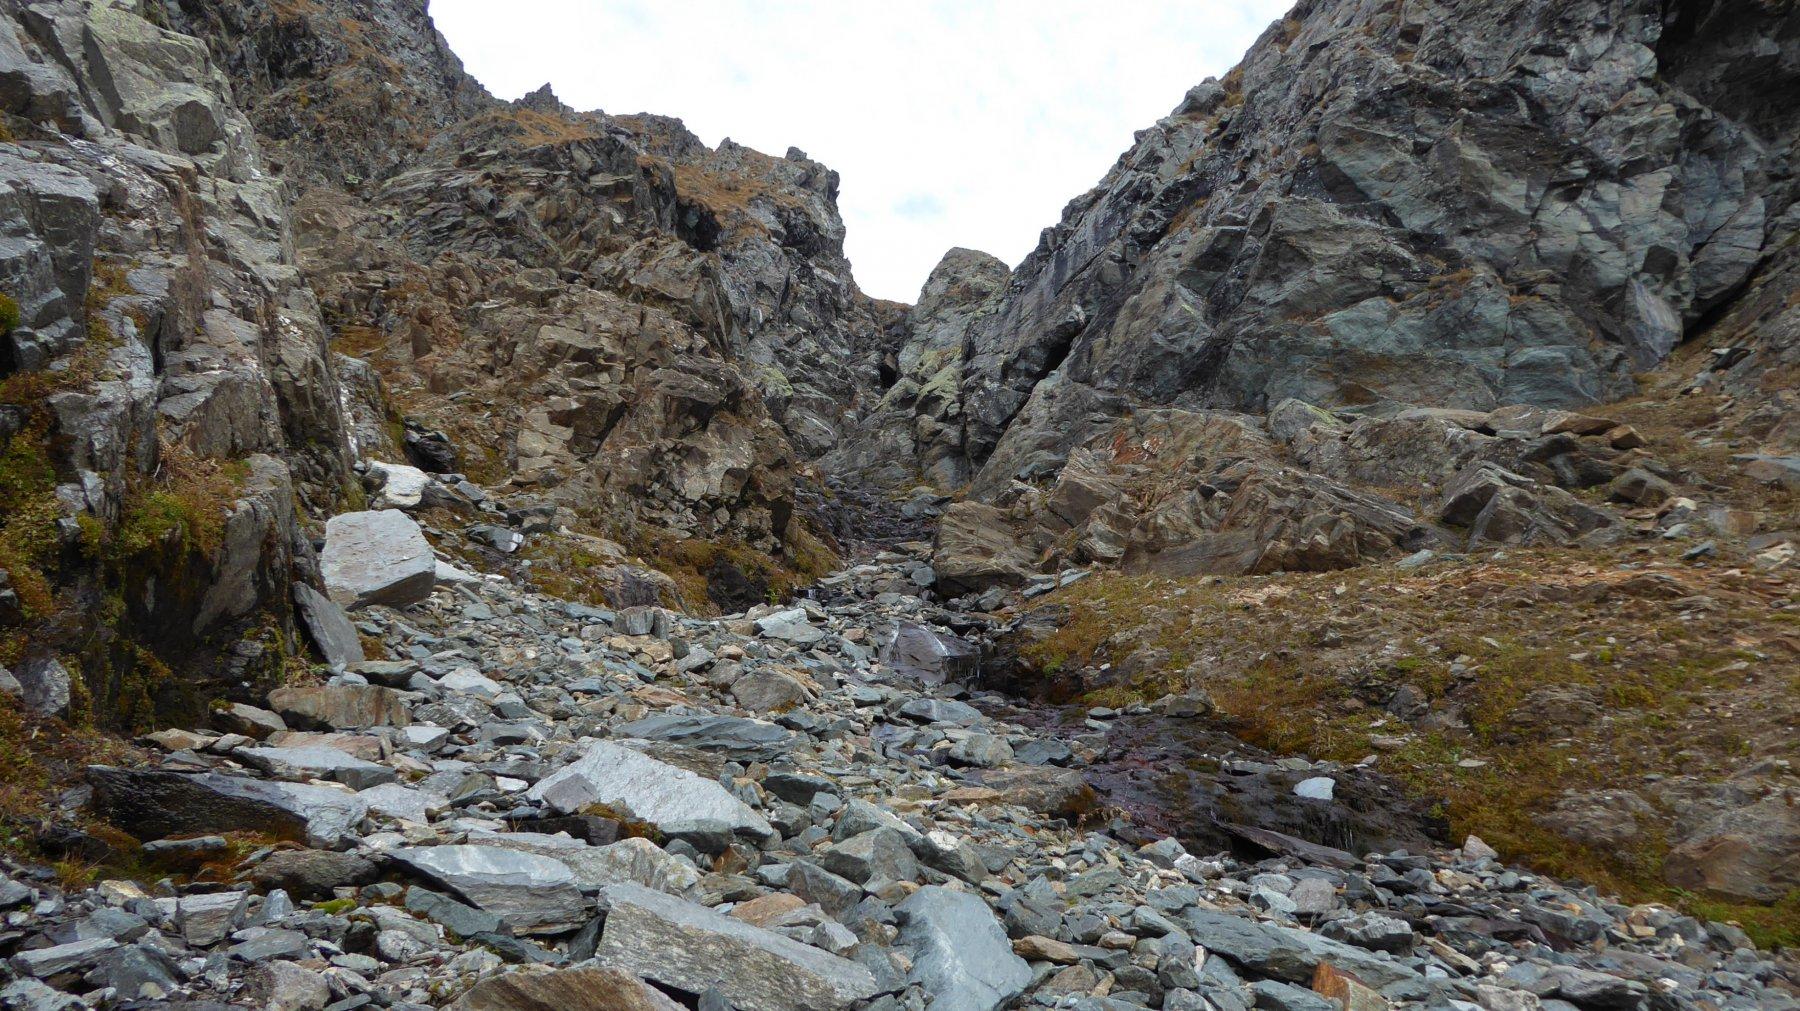 Nel canale: meno male che l'acqua è poca e le rocce un pò più asciutte!